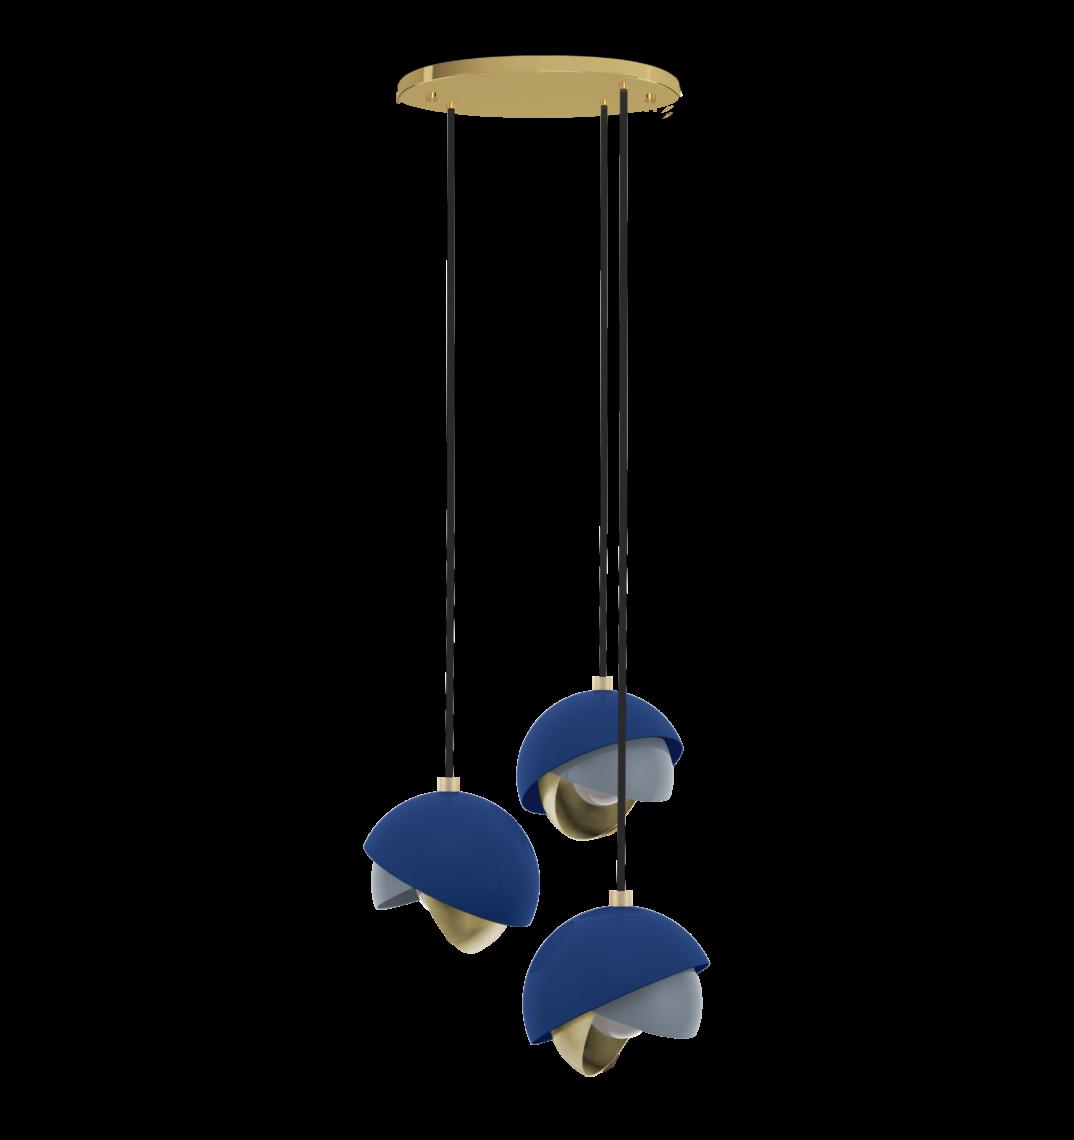 Mandevilla Pendant Lamp featuring Classic Blue